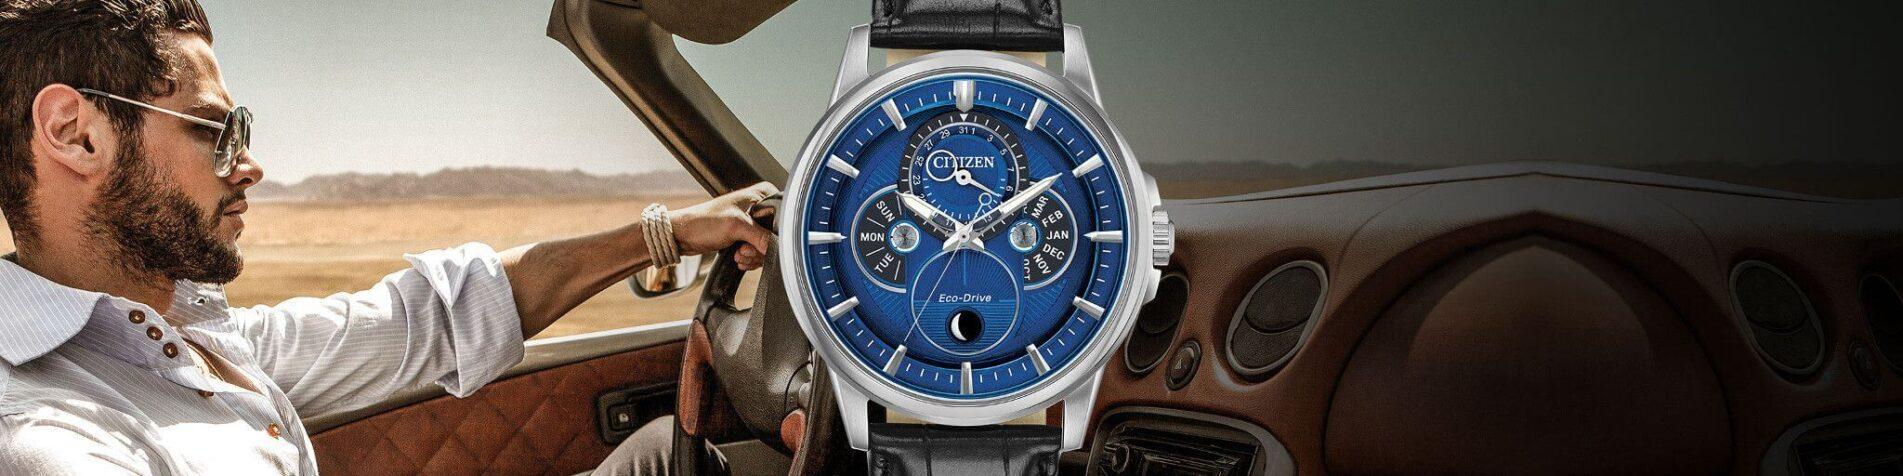 bộ sưu tập đồng hồ citizen chính hãng đa dạng nhất tại Tân Tân